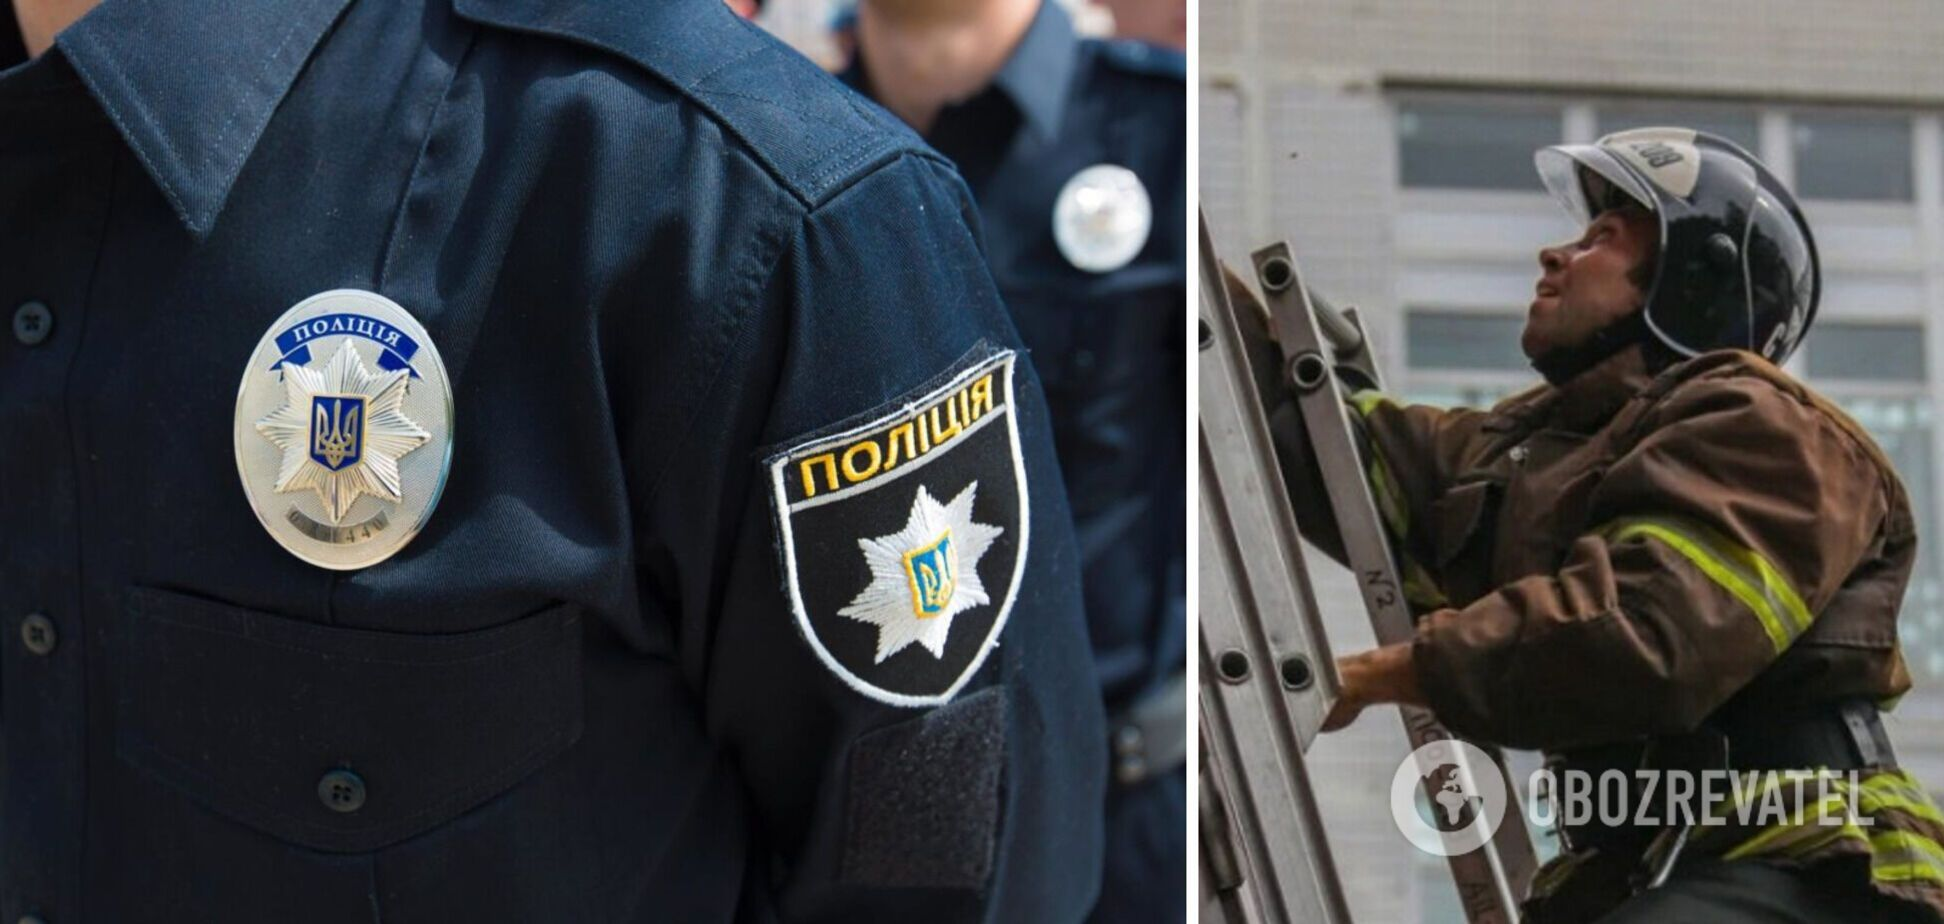 На Херсонщине в квартире загадочно умерли 4 человека